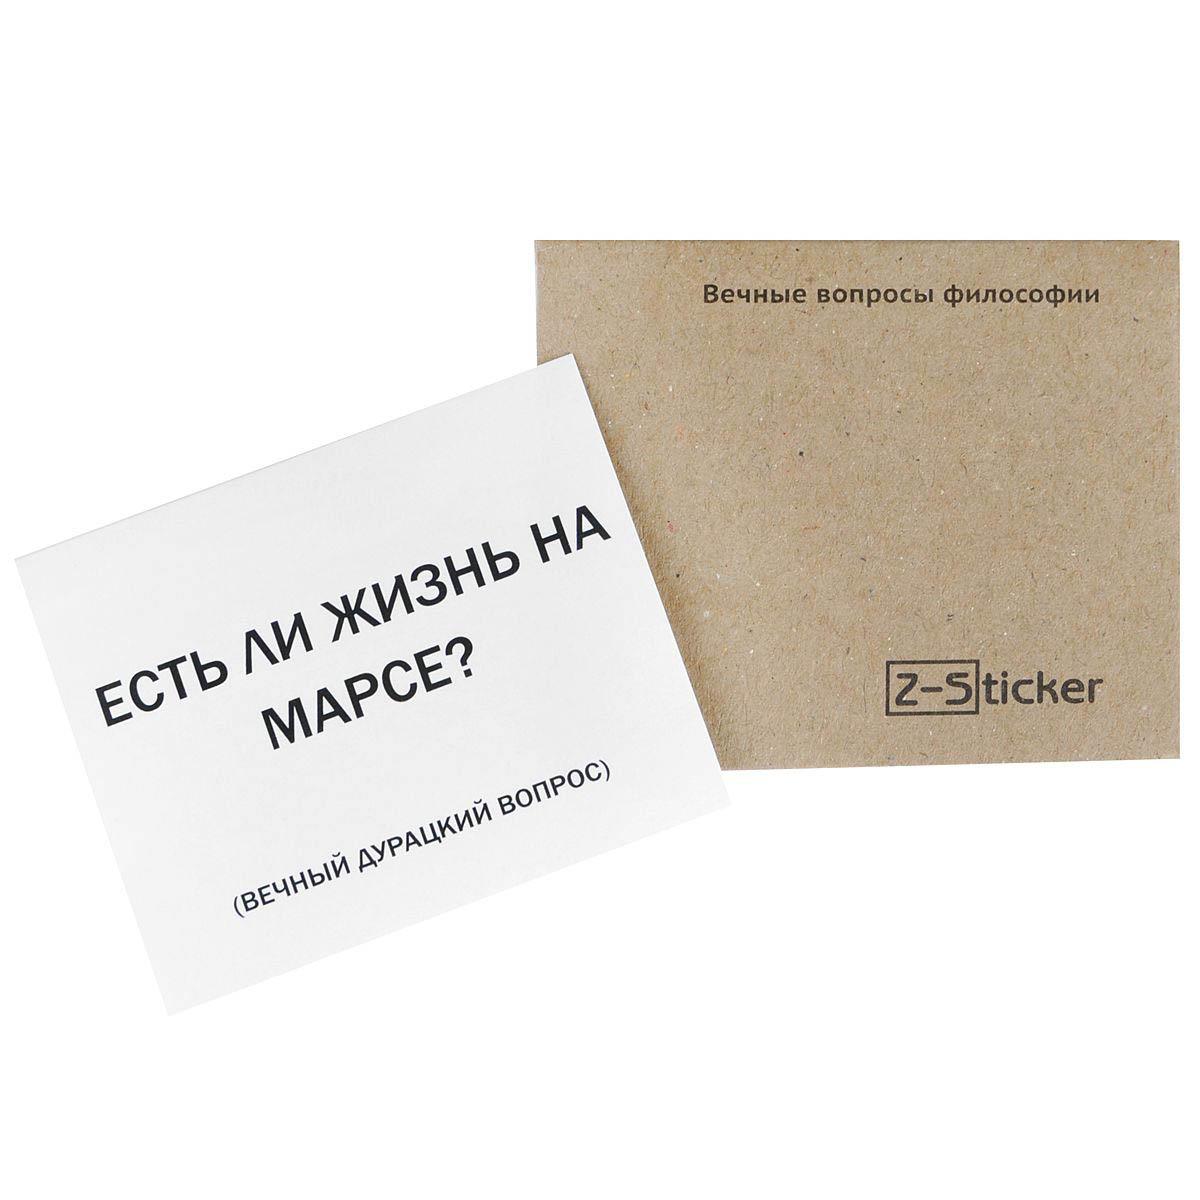 Вечные вопросы философии набор из 7 карточек